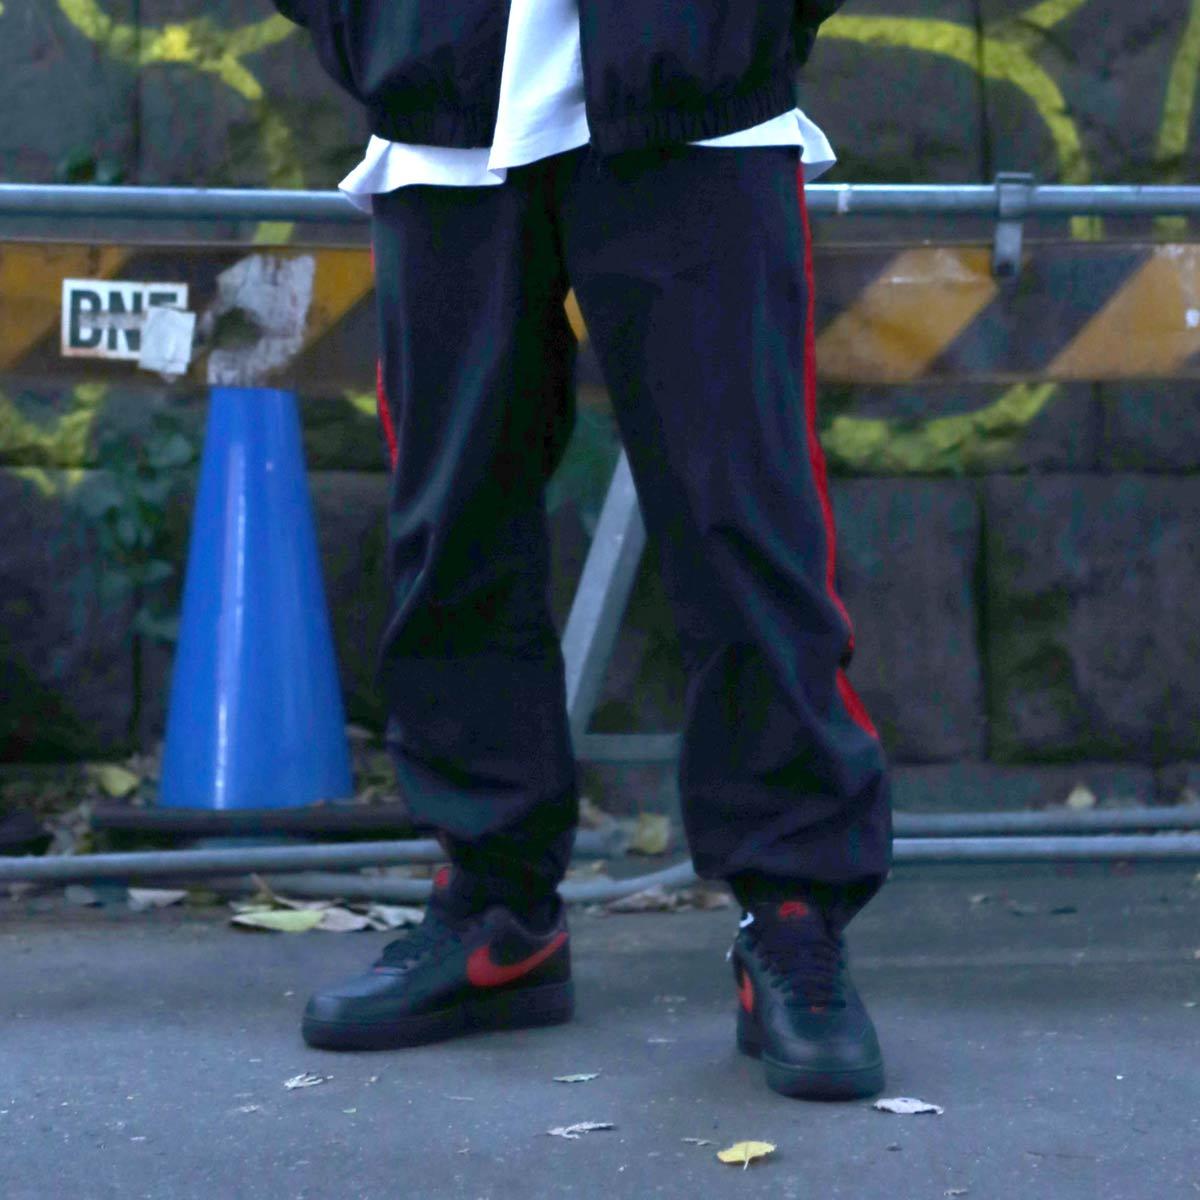 見事な ATMOS LAB ライン NYLON LAB TRACK LINE トラック PANTS (アトモスラボ ナイロン トラック ライン パンツ) BLACK/RED【メンズ ナイロンパンツ】17HO-I, 香春町:3873511a --- construart30.dominiotemporario.com